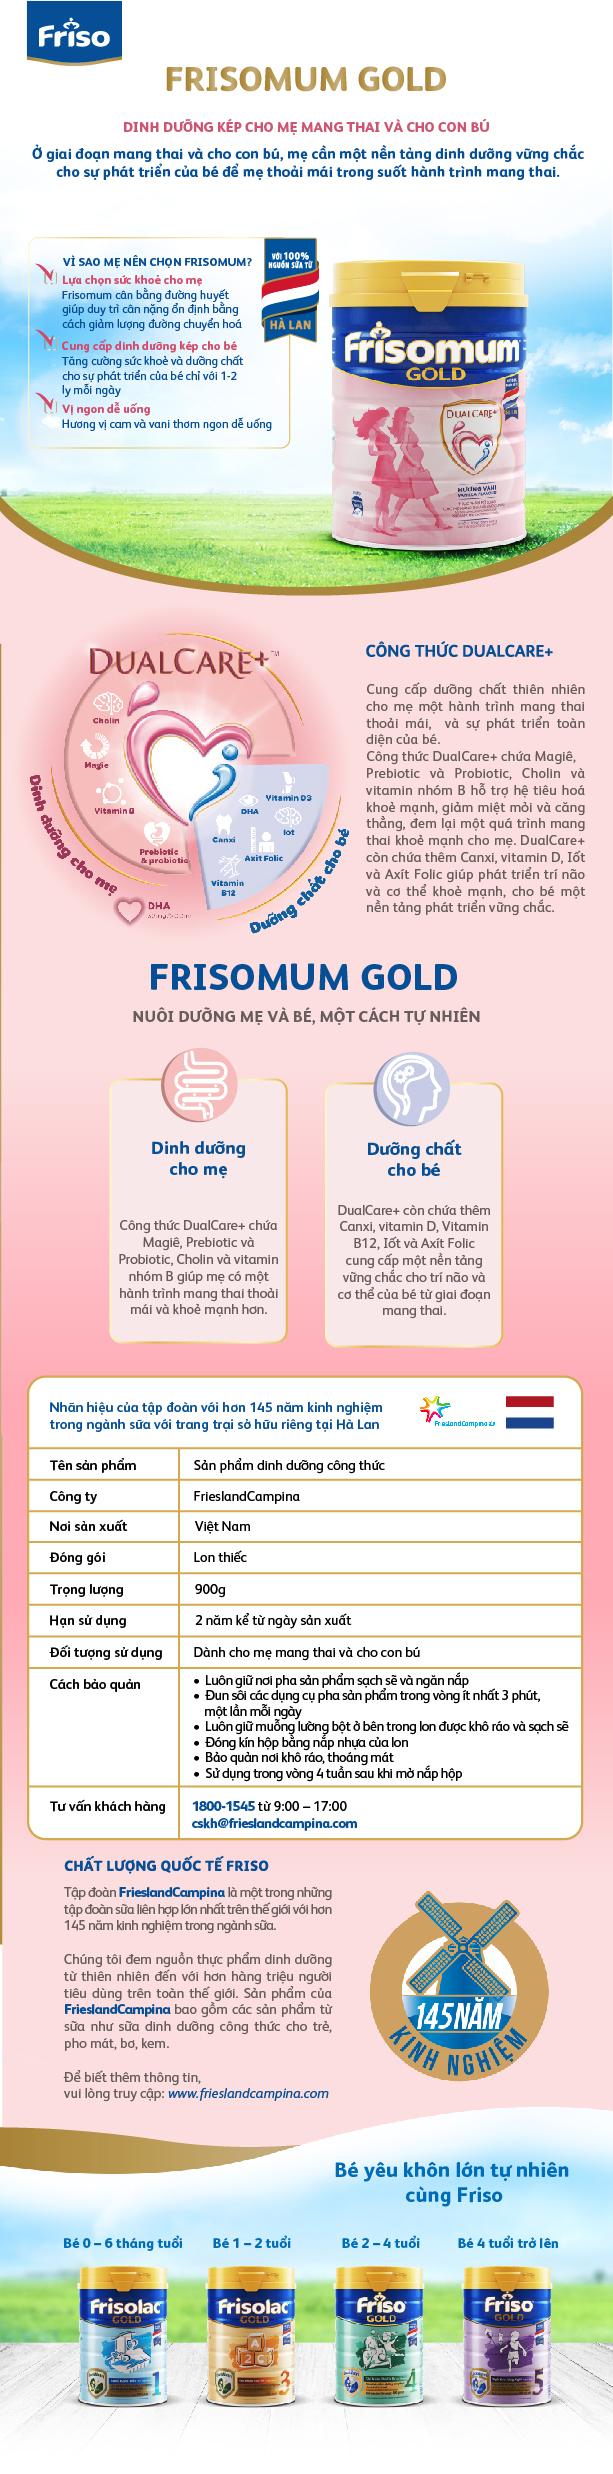 Sữa Bột Friso mum Gold Hương Cam (400g)